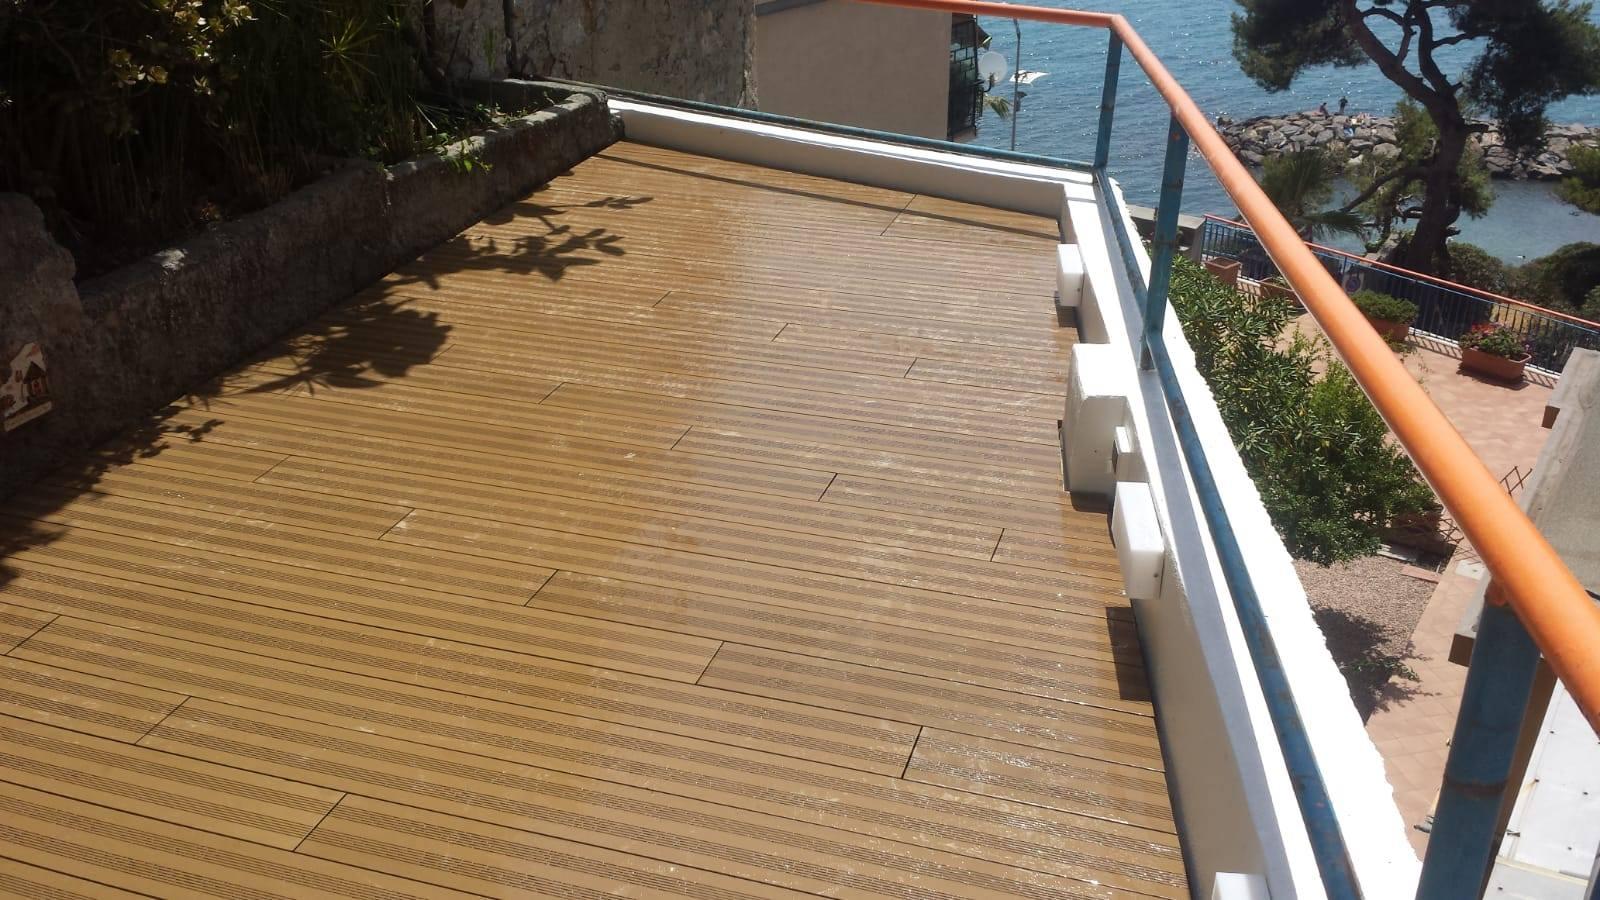 Pavimenti Parquet Imperia Diano Marina San Lorenzo al Mare Santo stefano al Mare Taggia Sanremo | posa Pavimenti in legno LAURERI artigiano parquettista